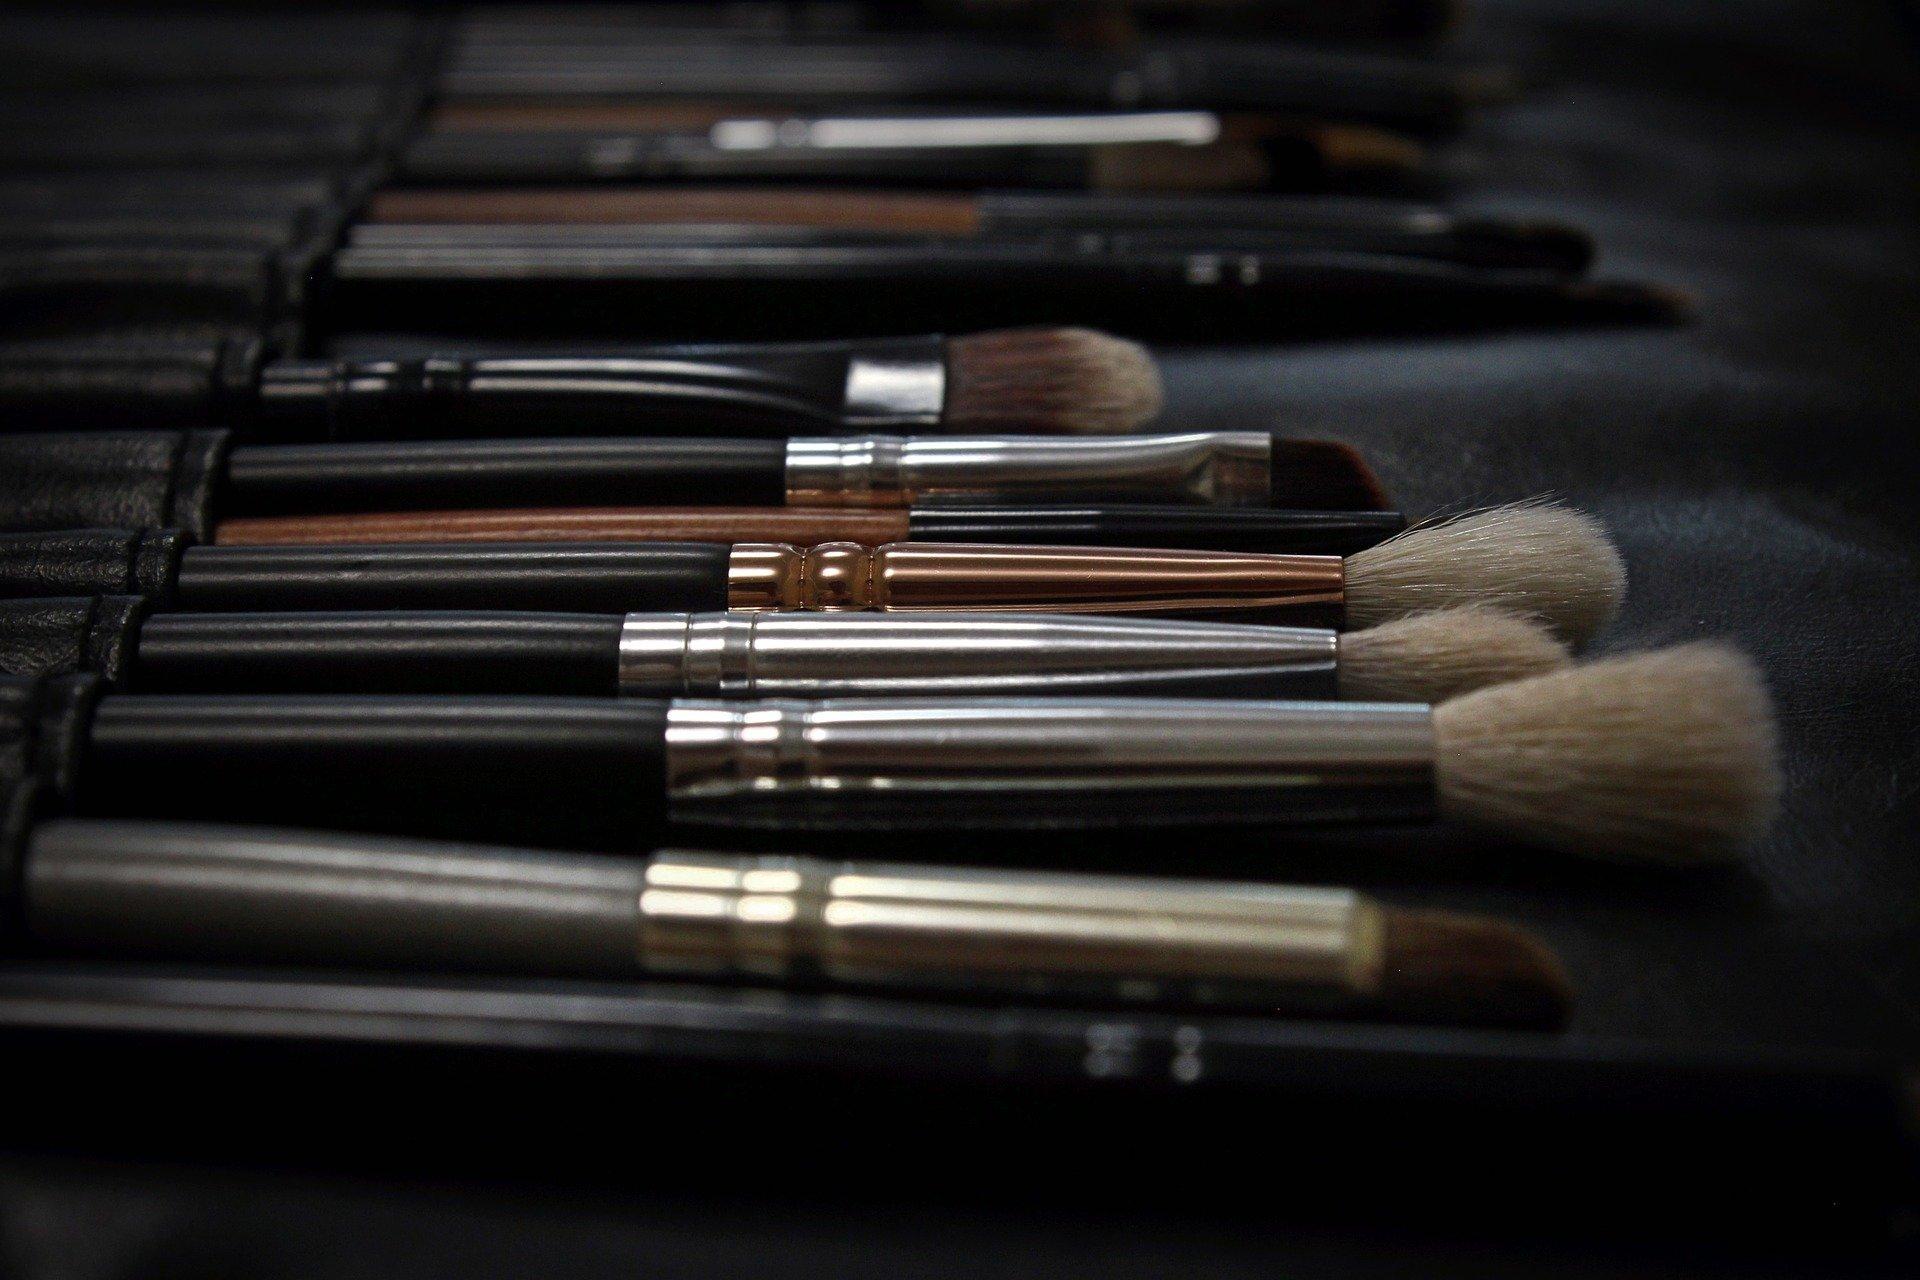 Vemos vários pincéis de maquiagem em um estojo de pano (imagem ilustrativa).